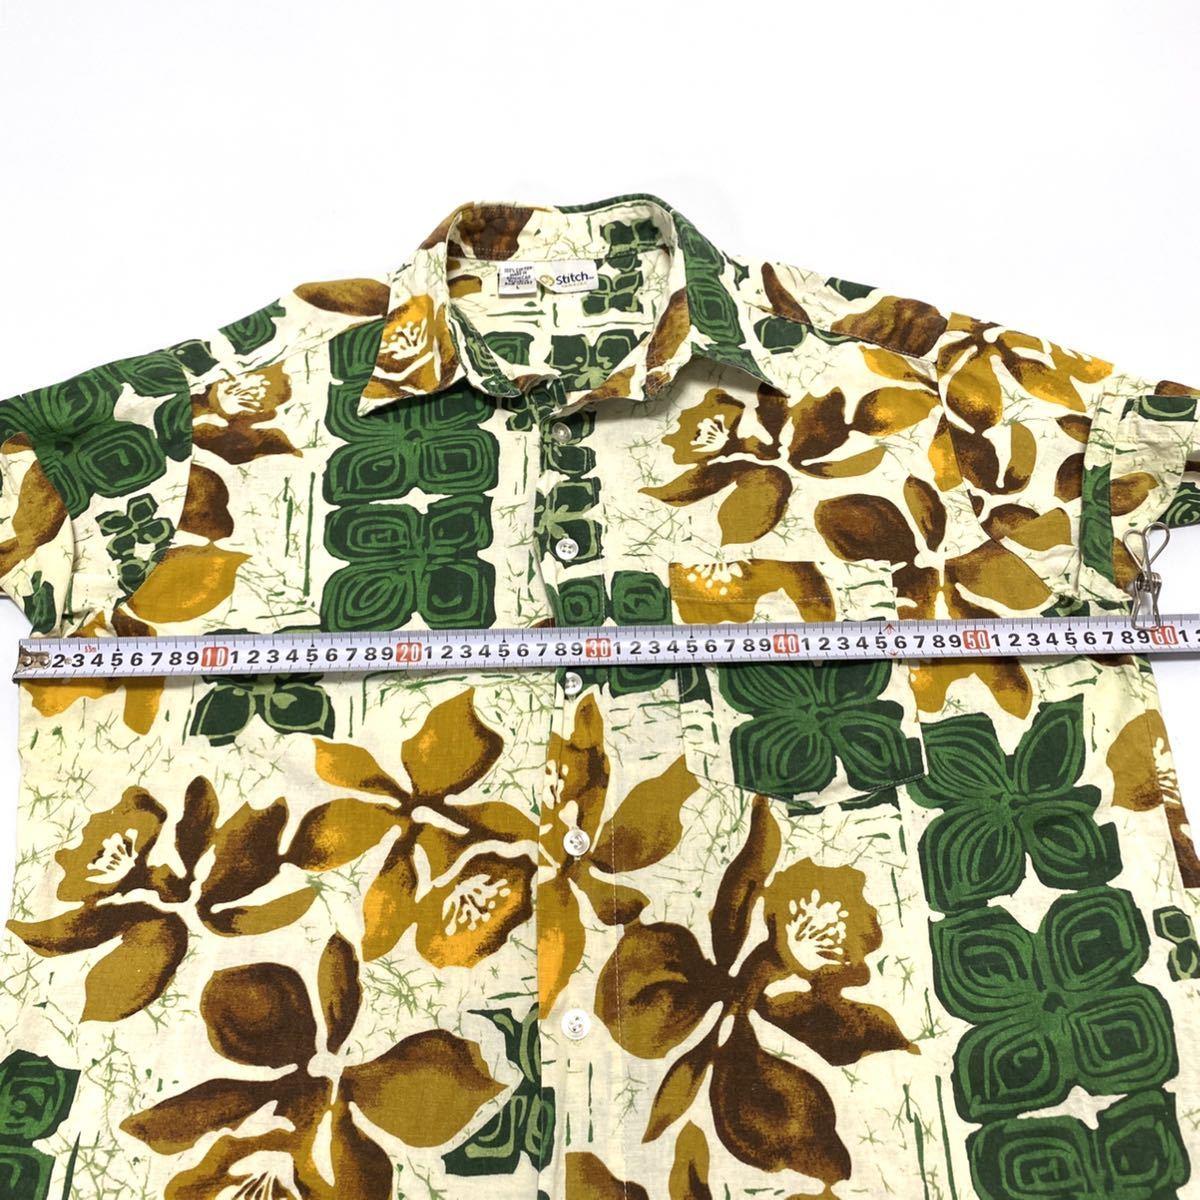 Lサイズ stitch アロハシャツ ハワイアン 柄シャツ メンズ 即決 ボタニカル 古着 アメリカ古着